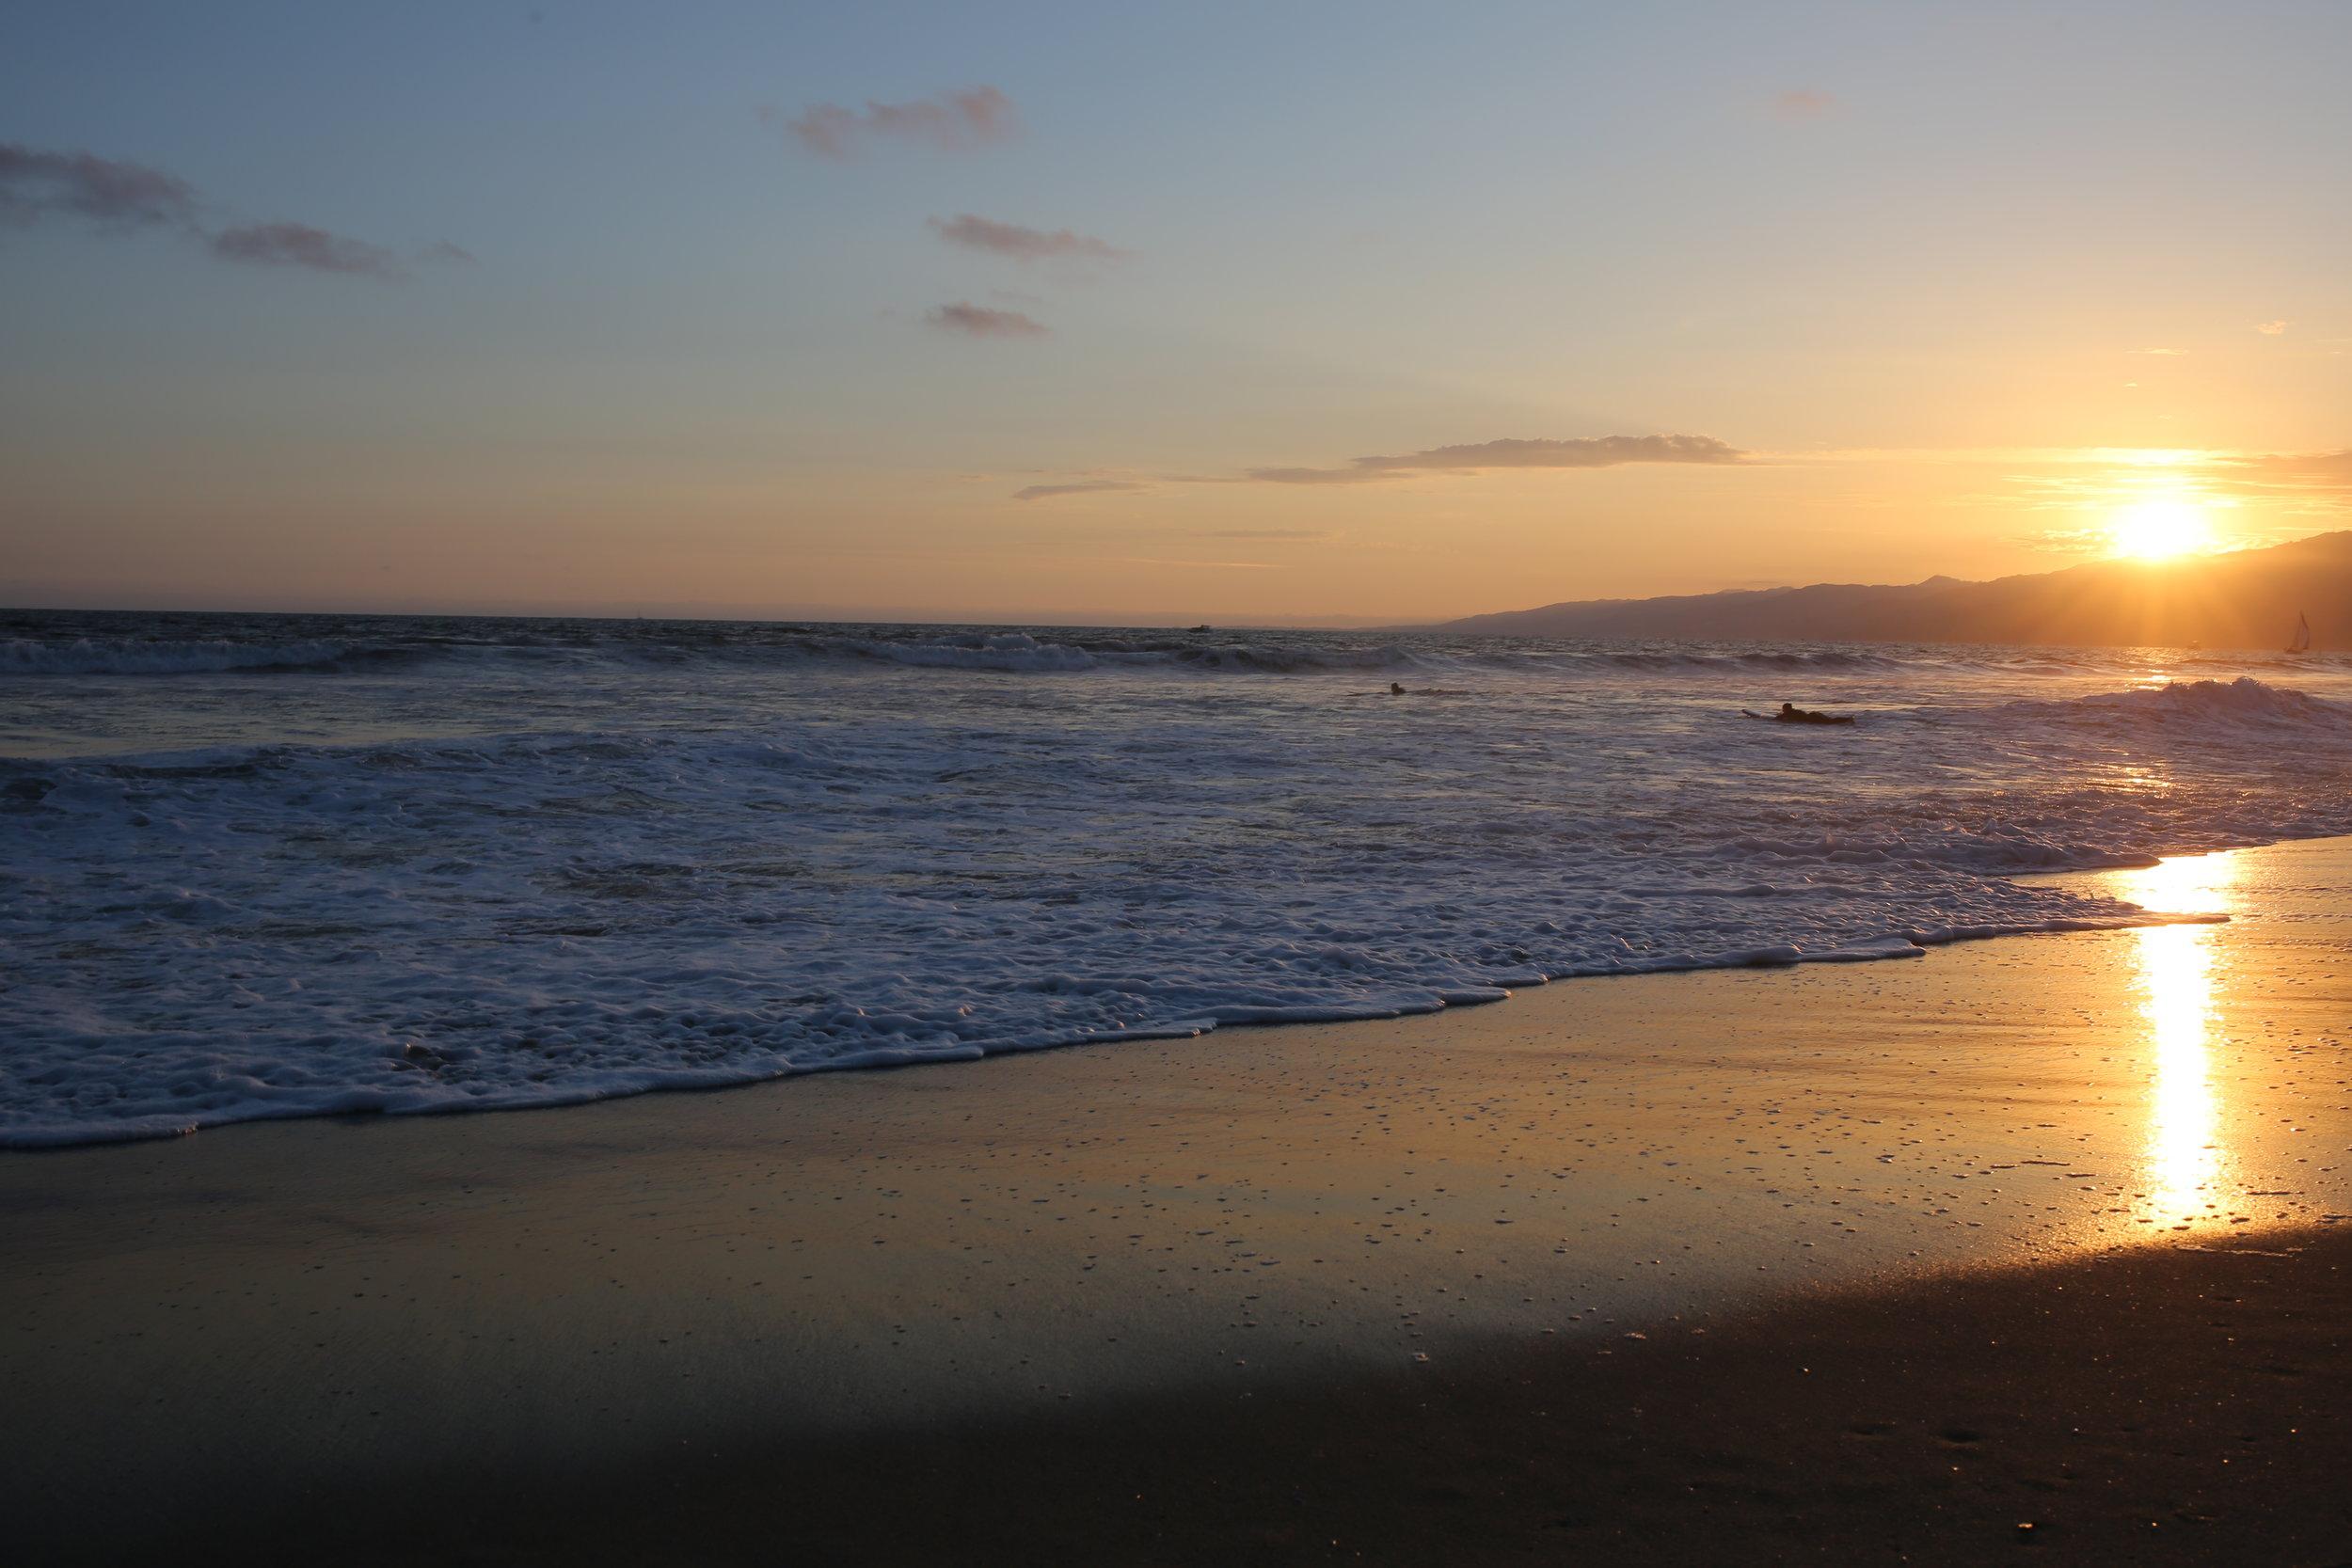 Beach Picnic - May 2019 - Santa Monica